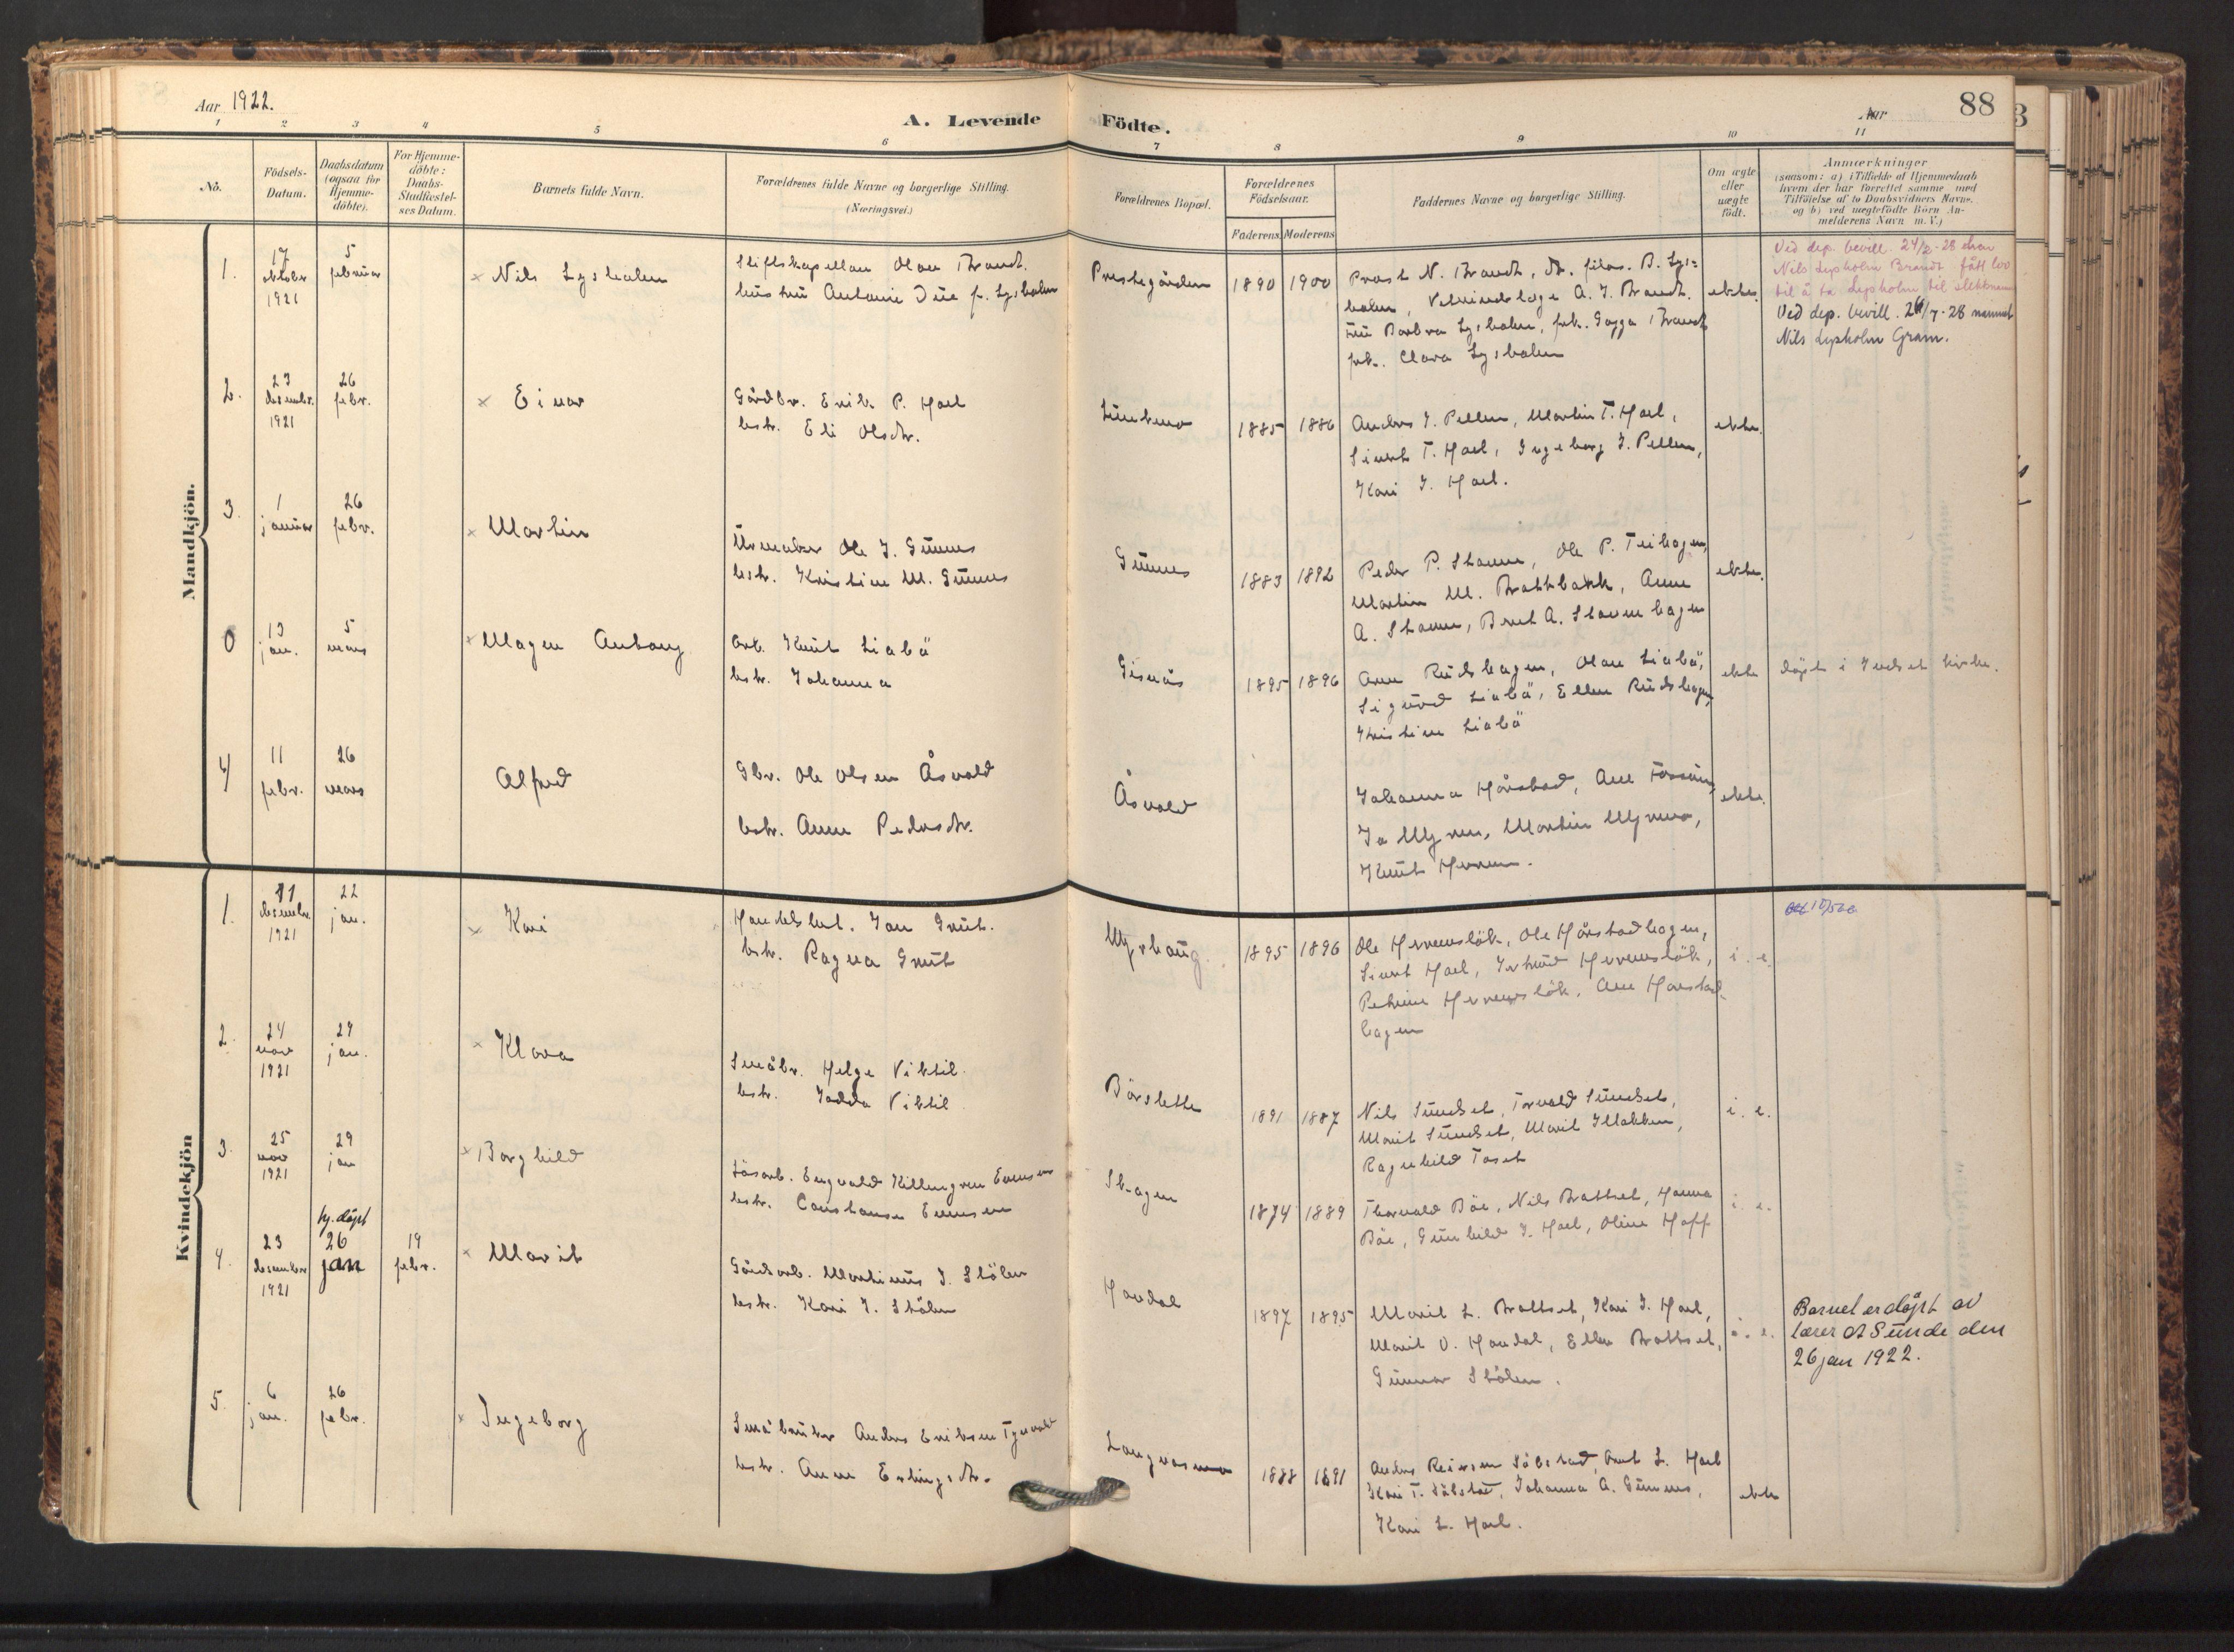 SAT, Ministerialprotokoller, klokkerbøker og fødselsregistre - Sør-Trøndelag, 674/L0873: Ministerialbok nr. 674A05, 1908-1923, s. 88